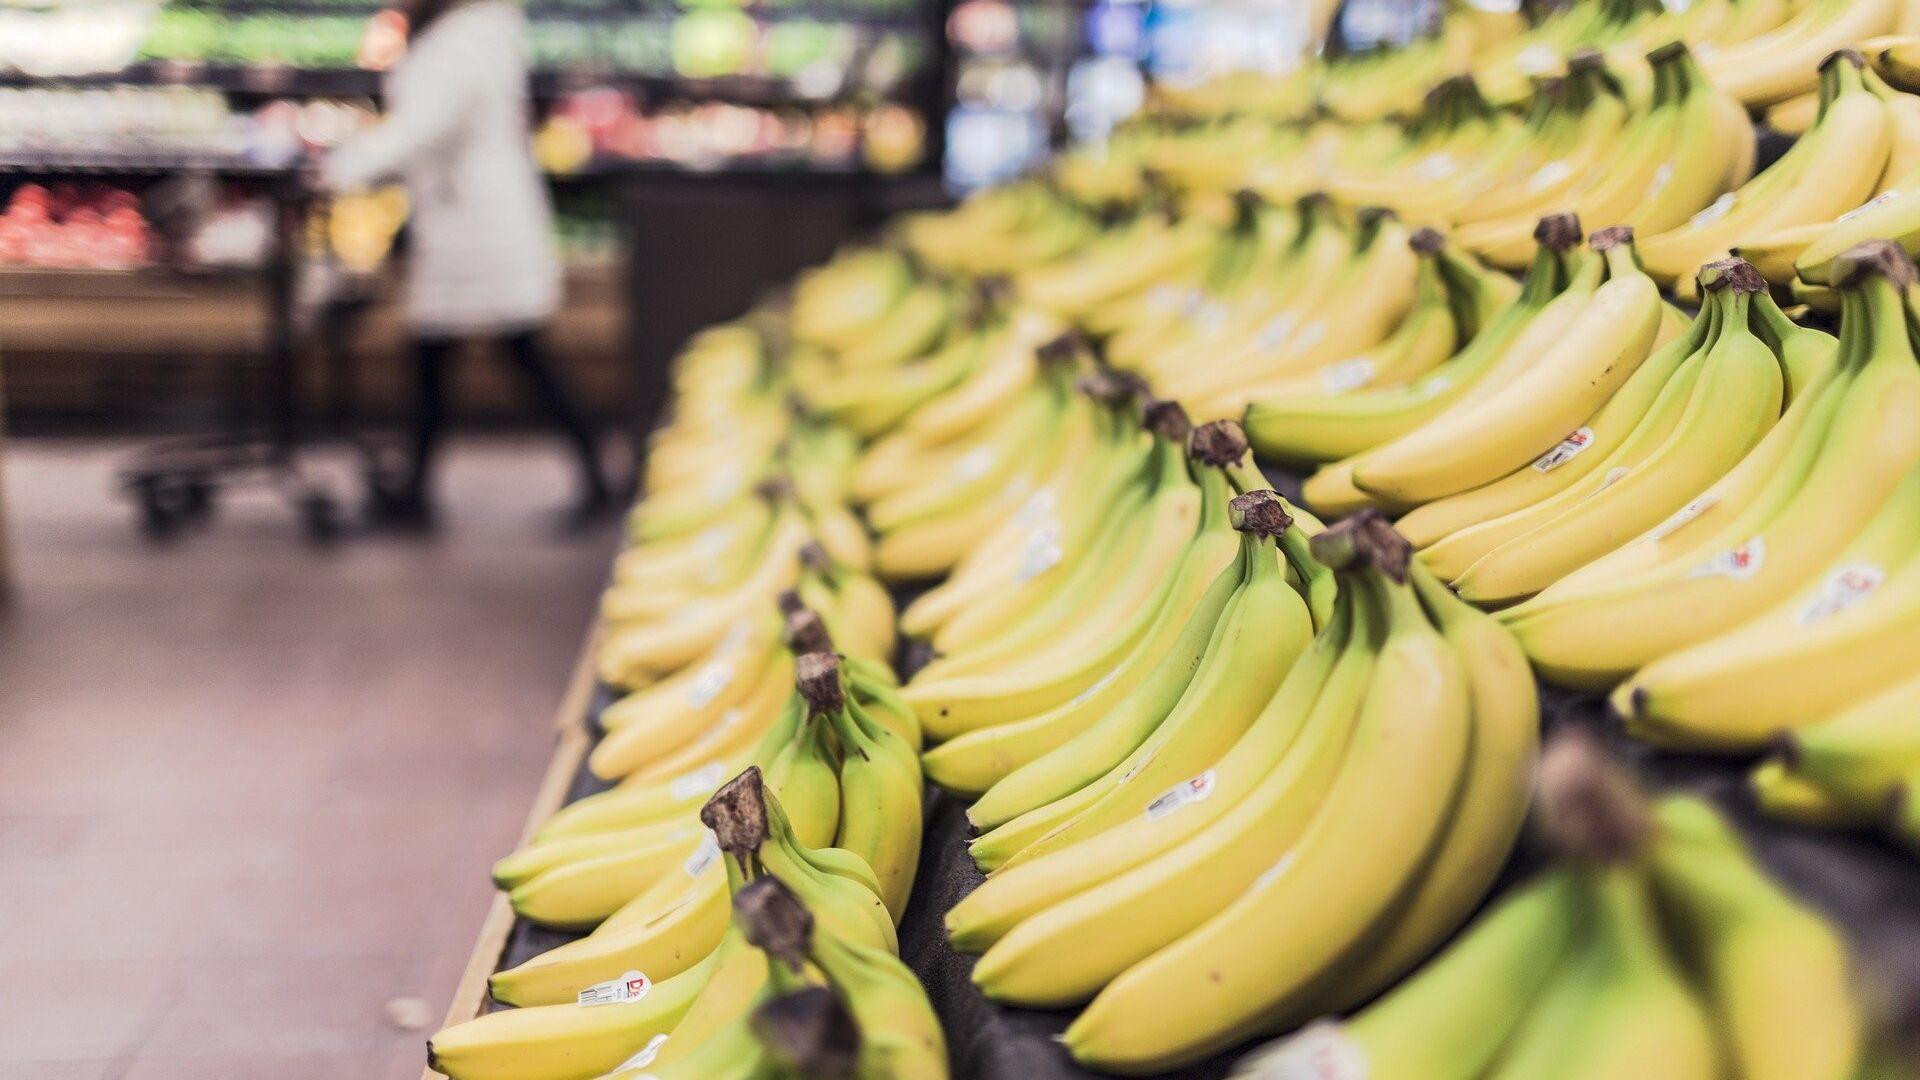 Банане у супермаркету - Sputnik Србија, 1920, 08.10.2021